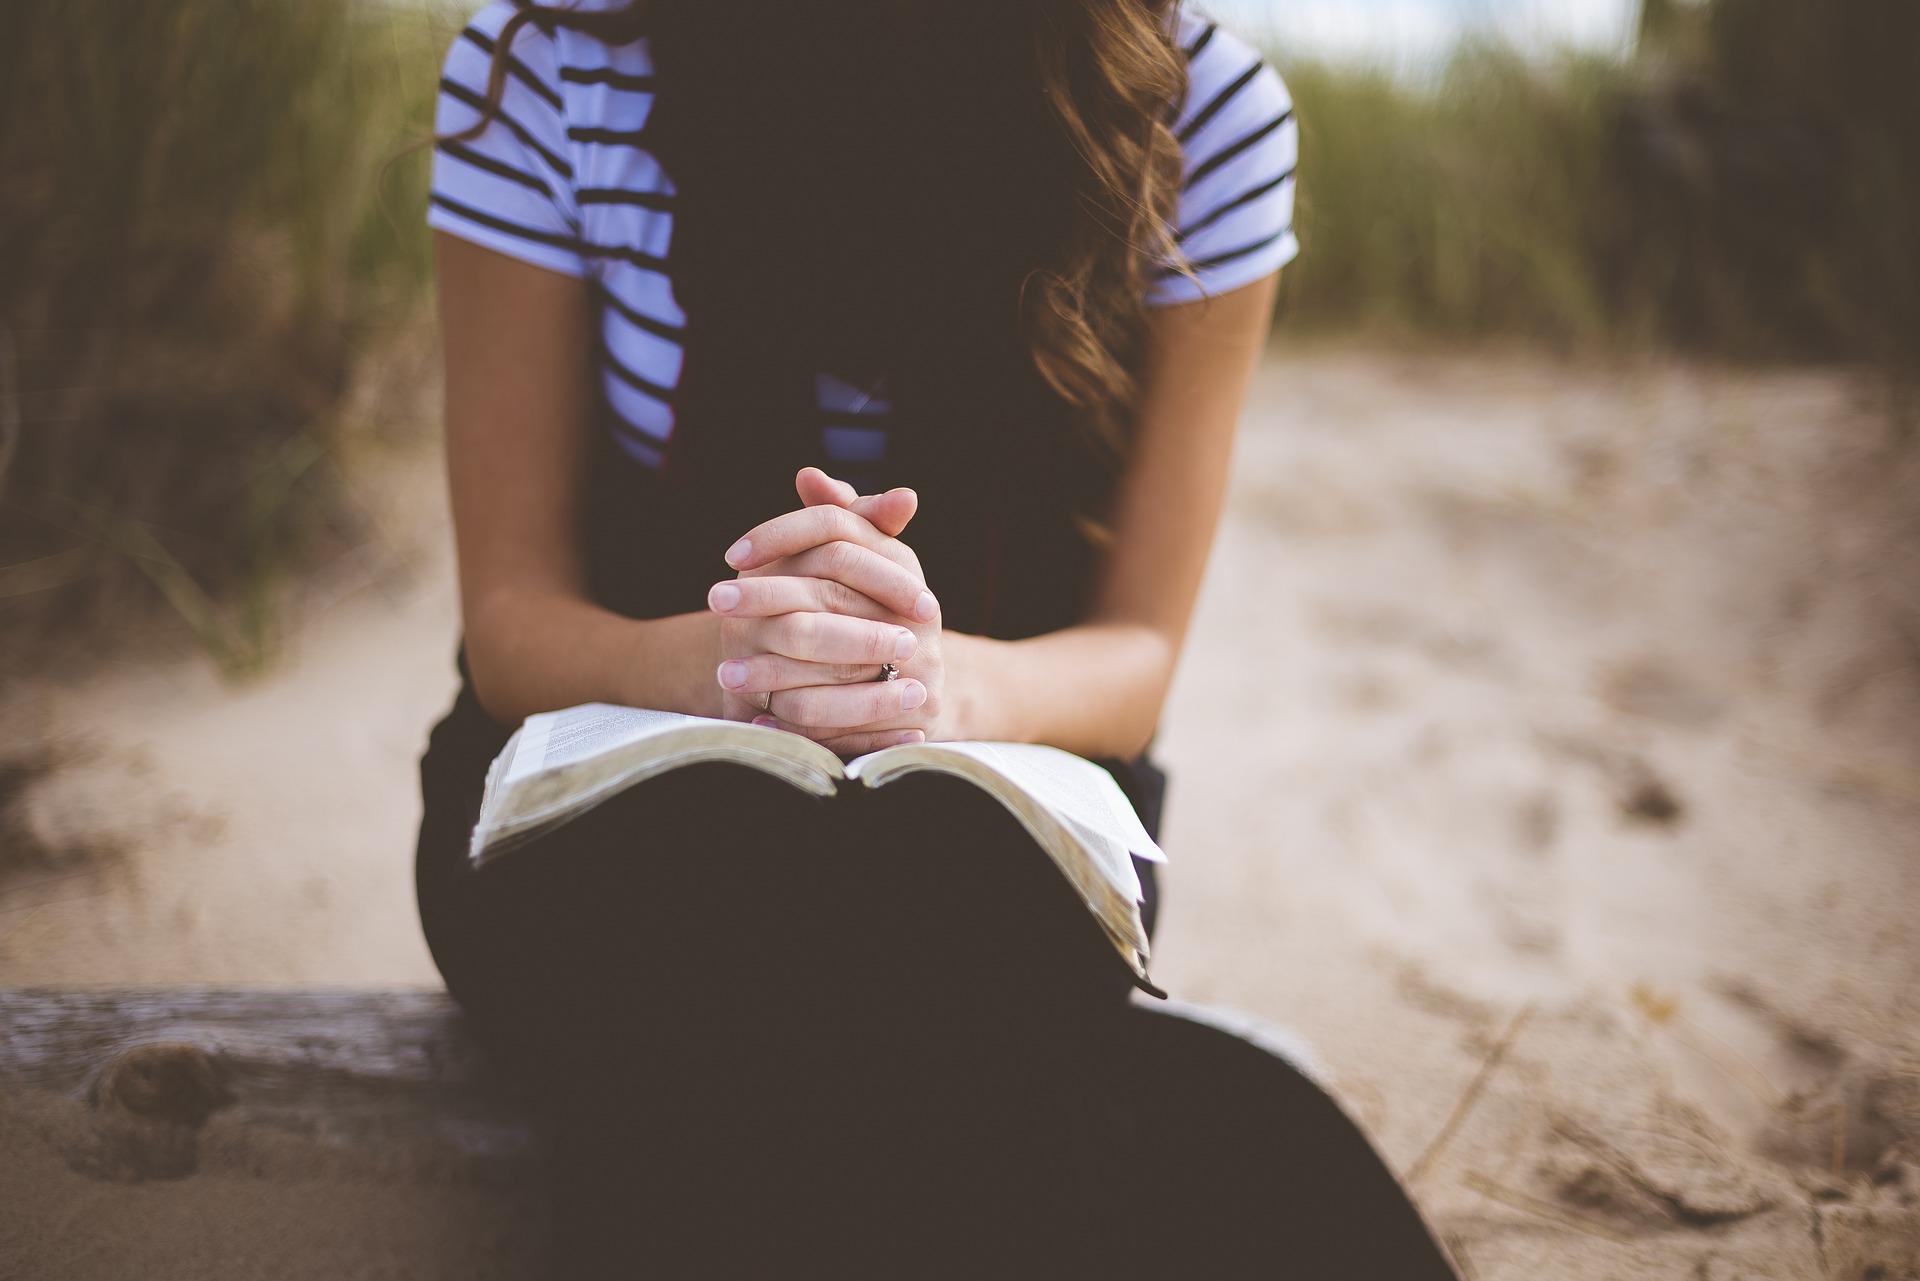 手を止め祈る女性